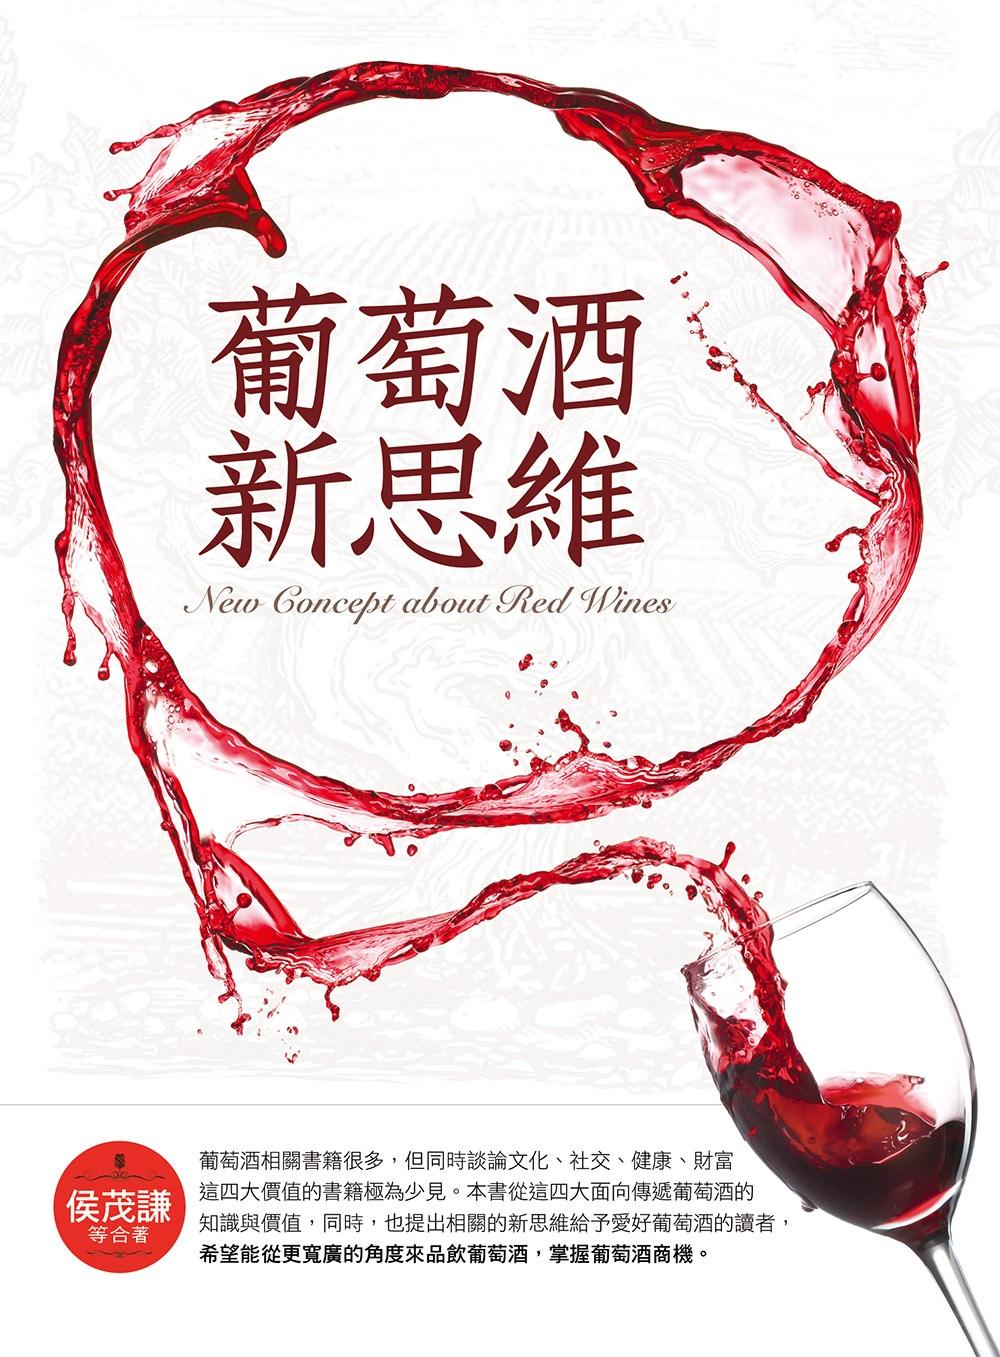 葡萄酒新思維